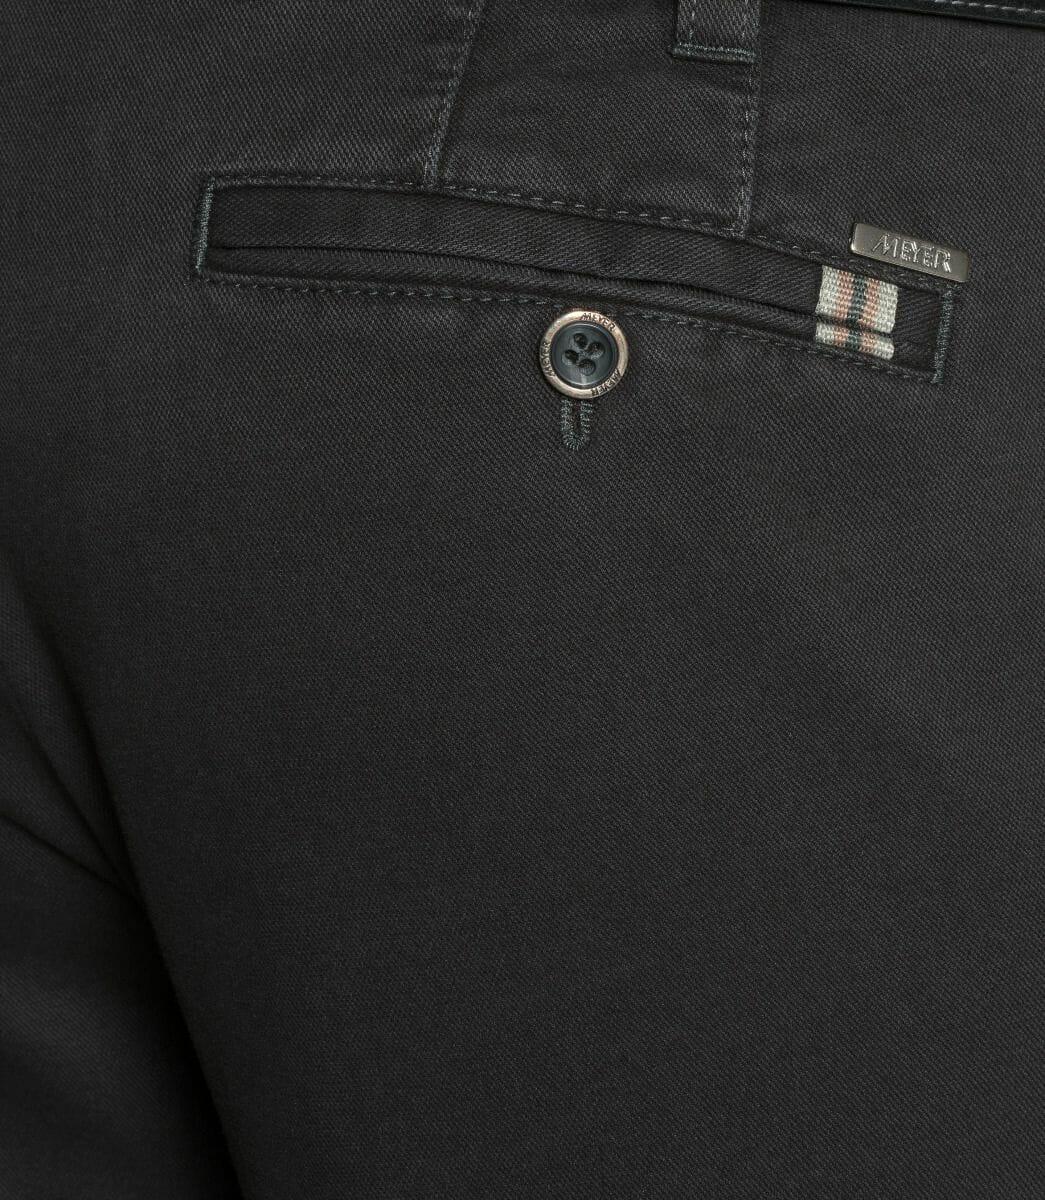 meyer hw17 oslo 5503 08 Pocket Detail - - Con Murphys Menswear